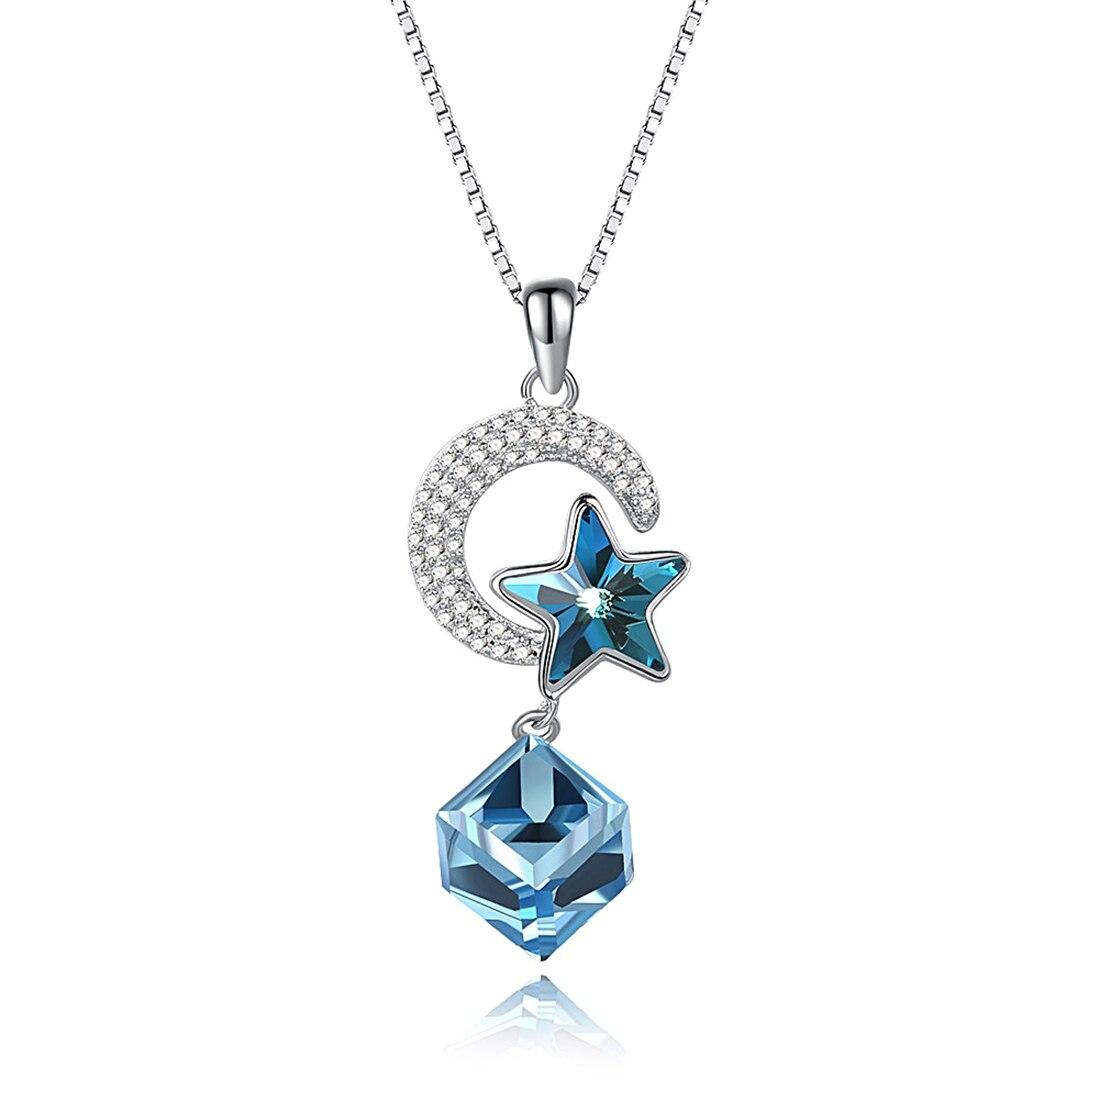 LEKÁNI Cristaux de Swarovski Élément Étoile Tenir Lune Pendentif et Collier 925 Collier En Argent Sterling Cadeau D'anniversaire Fournir